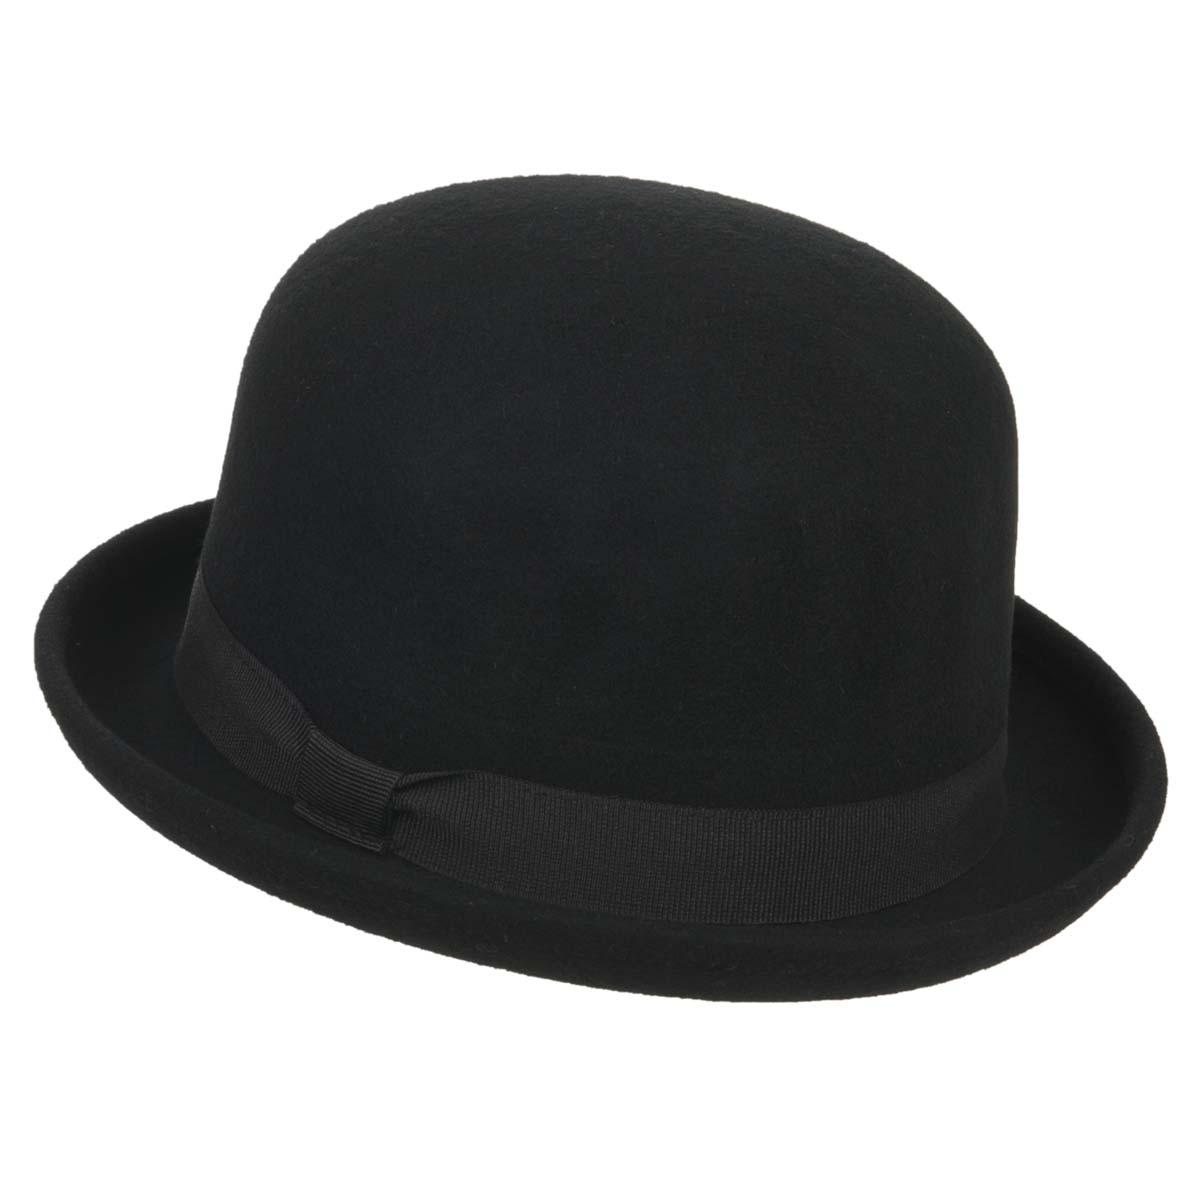 Cappello Eur Cappelli Hutstuebele E gt; Cappelleria 90 32 rrxqZvwPd